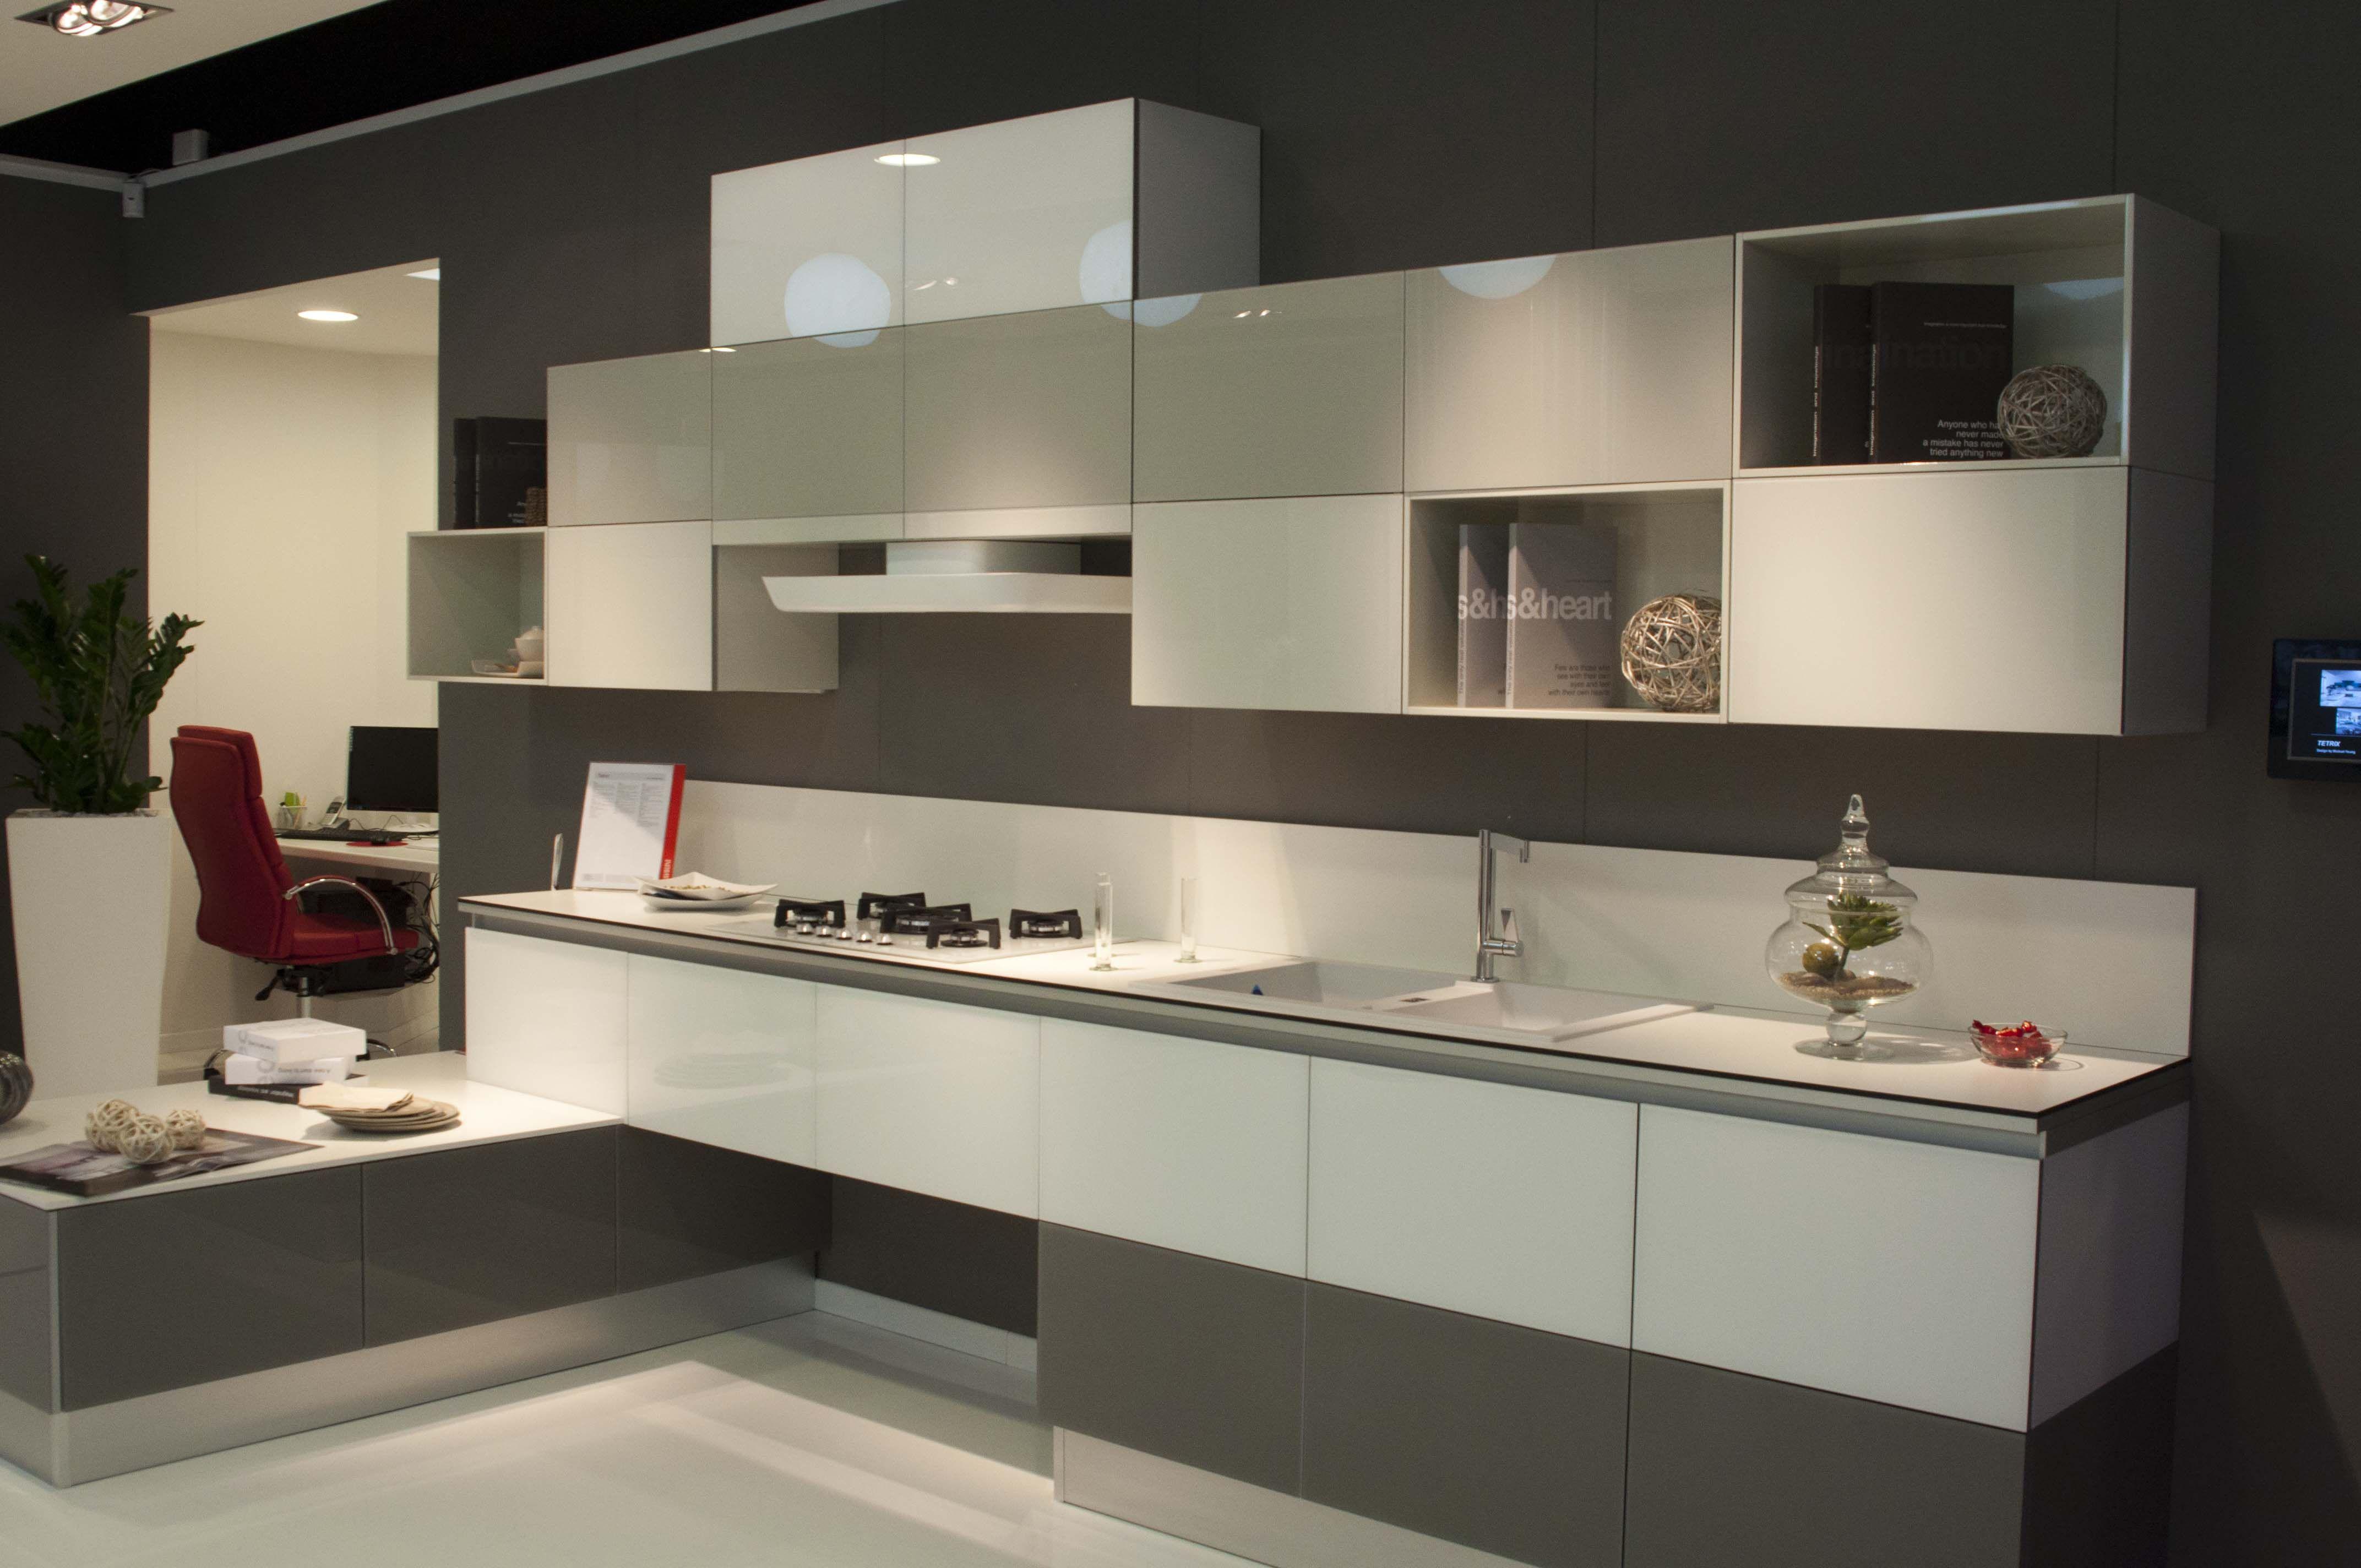 Cucine moderne Scavolini | Tetrix esposta nello showroom di Napoli ...